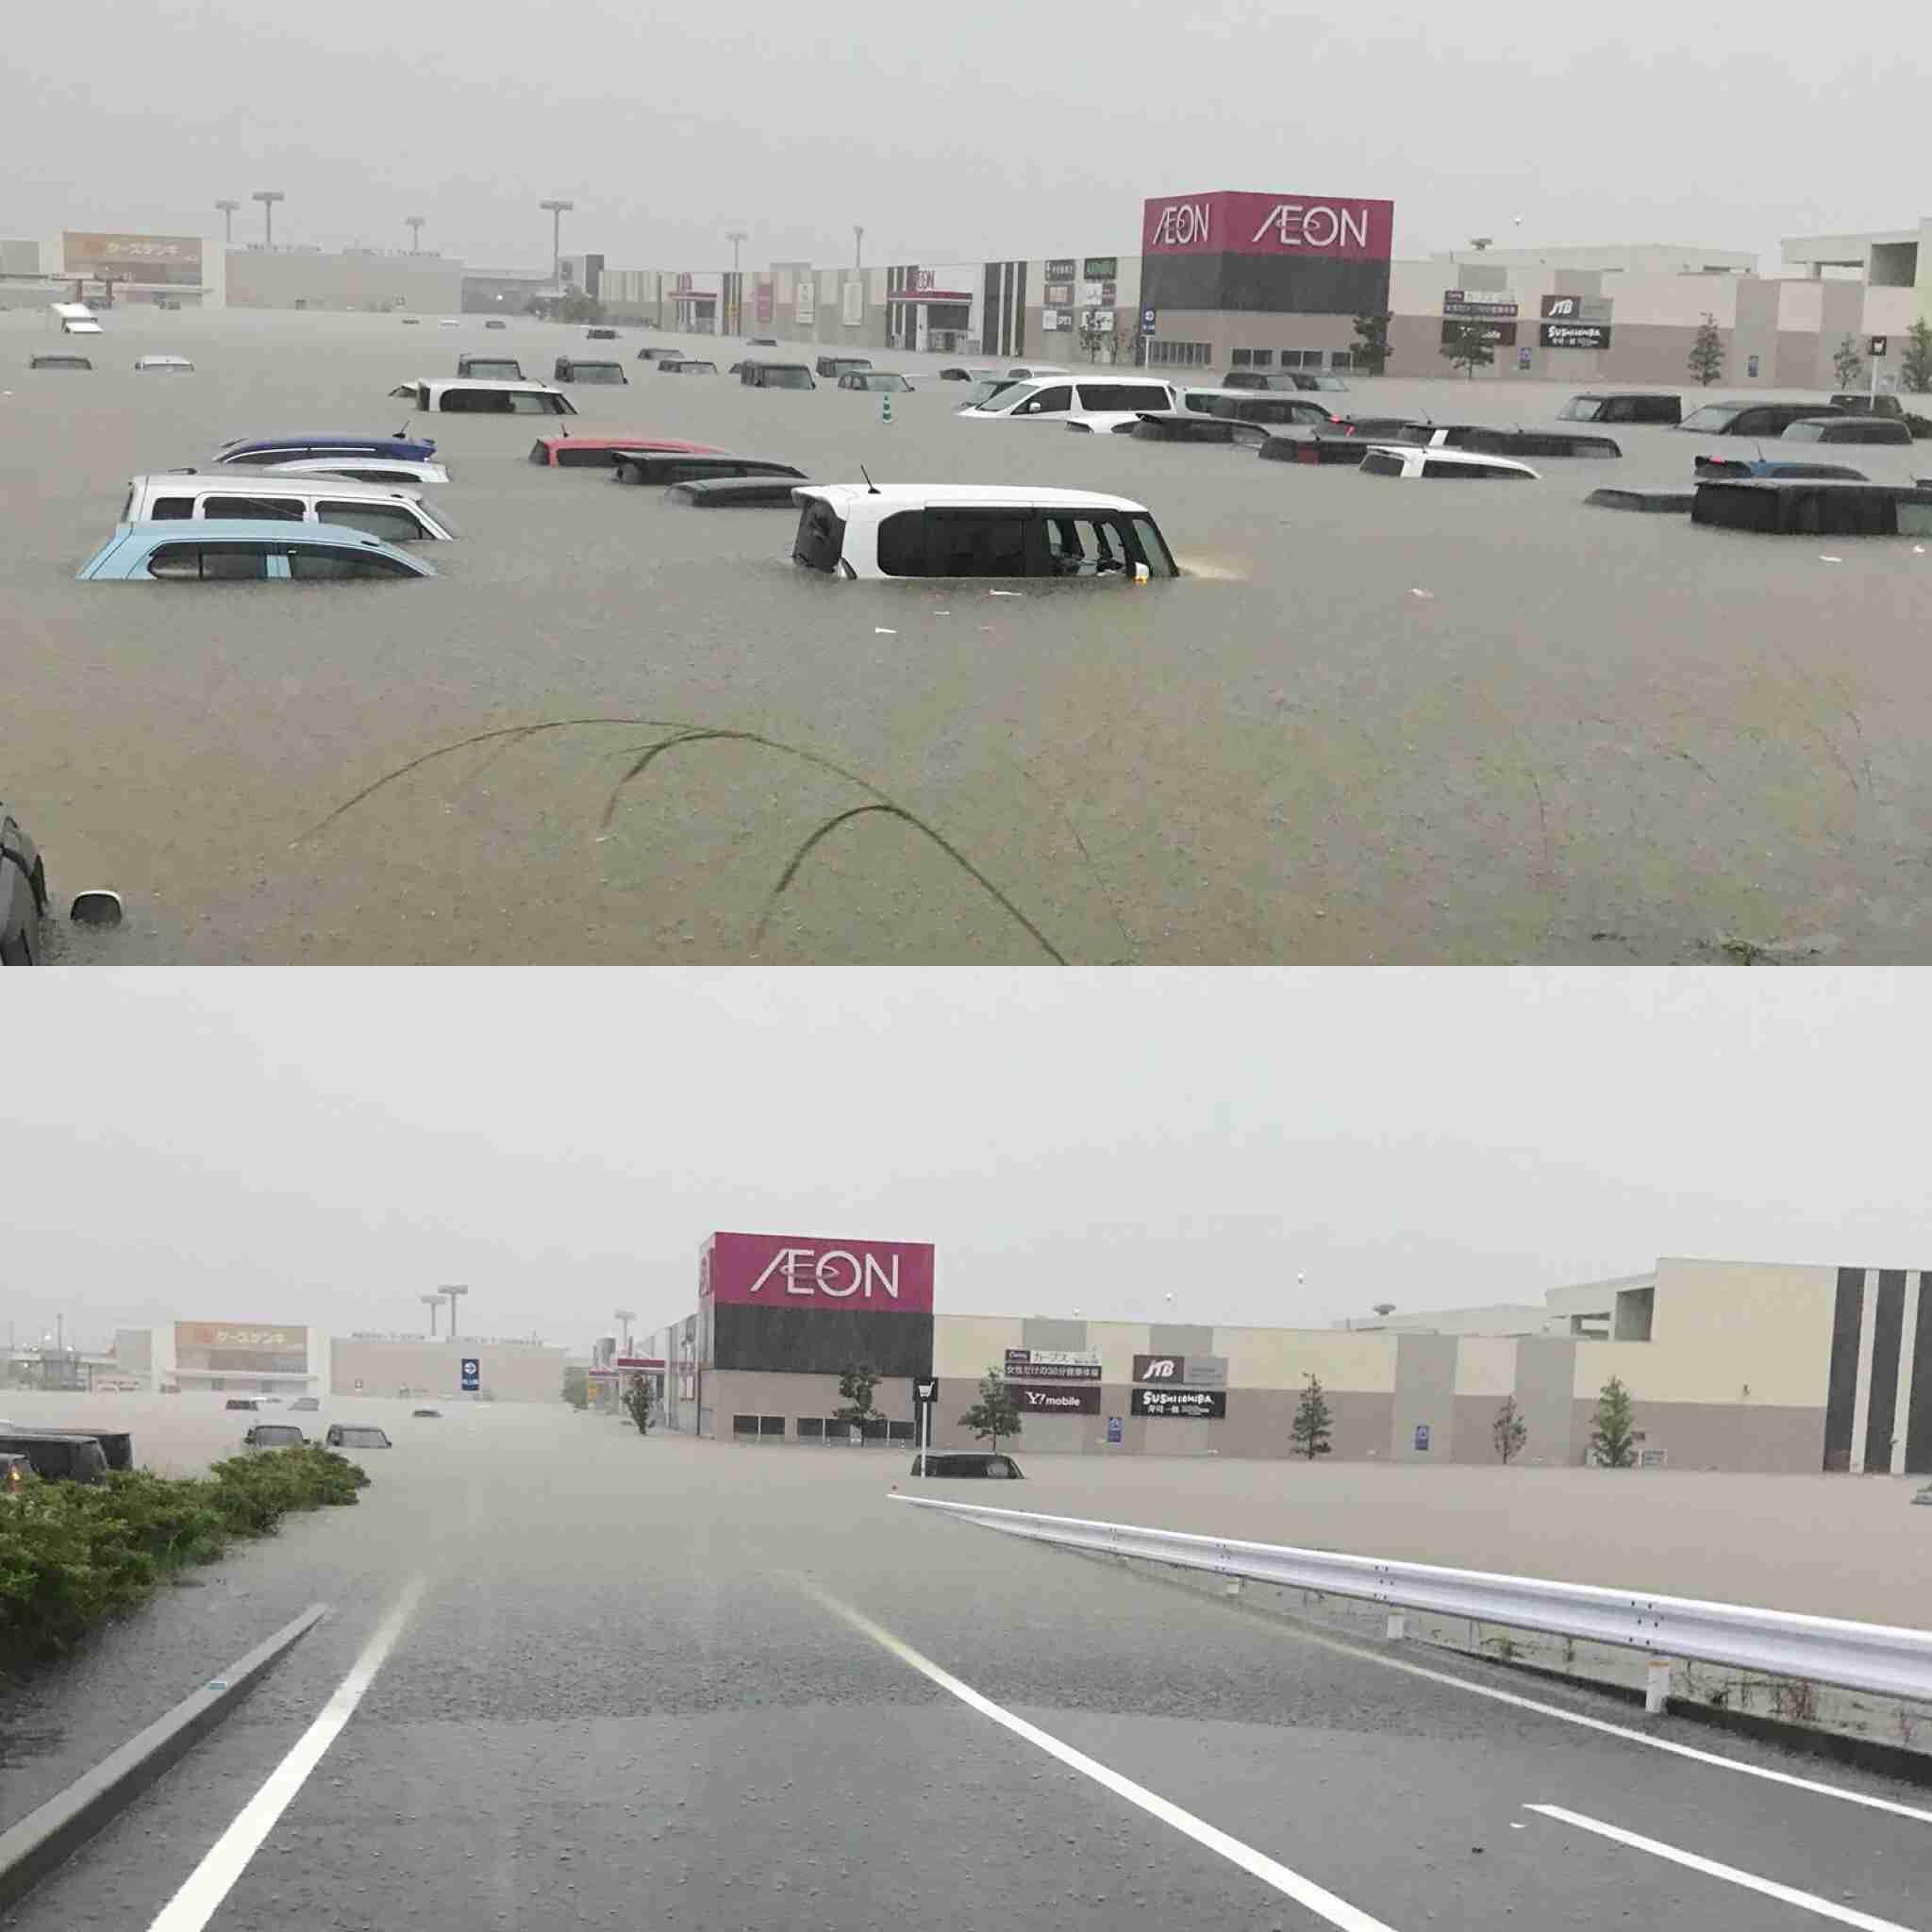 はなわ 豪雨により佐賀県の自宅の一部が被害…「改めて自然の怖さを感じました」